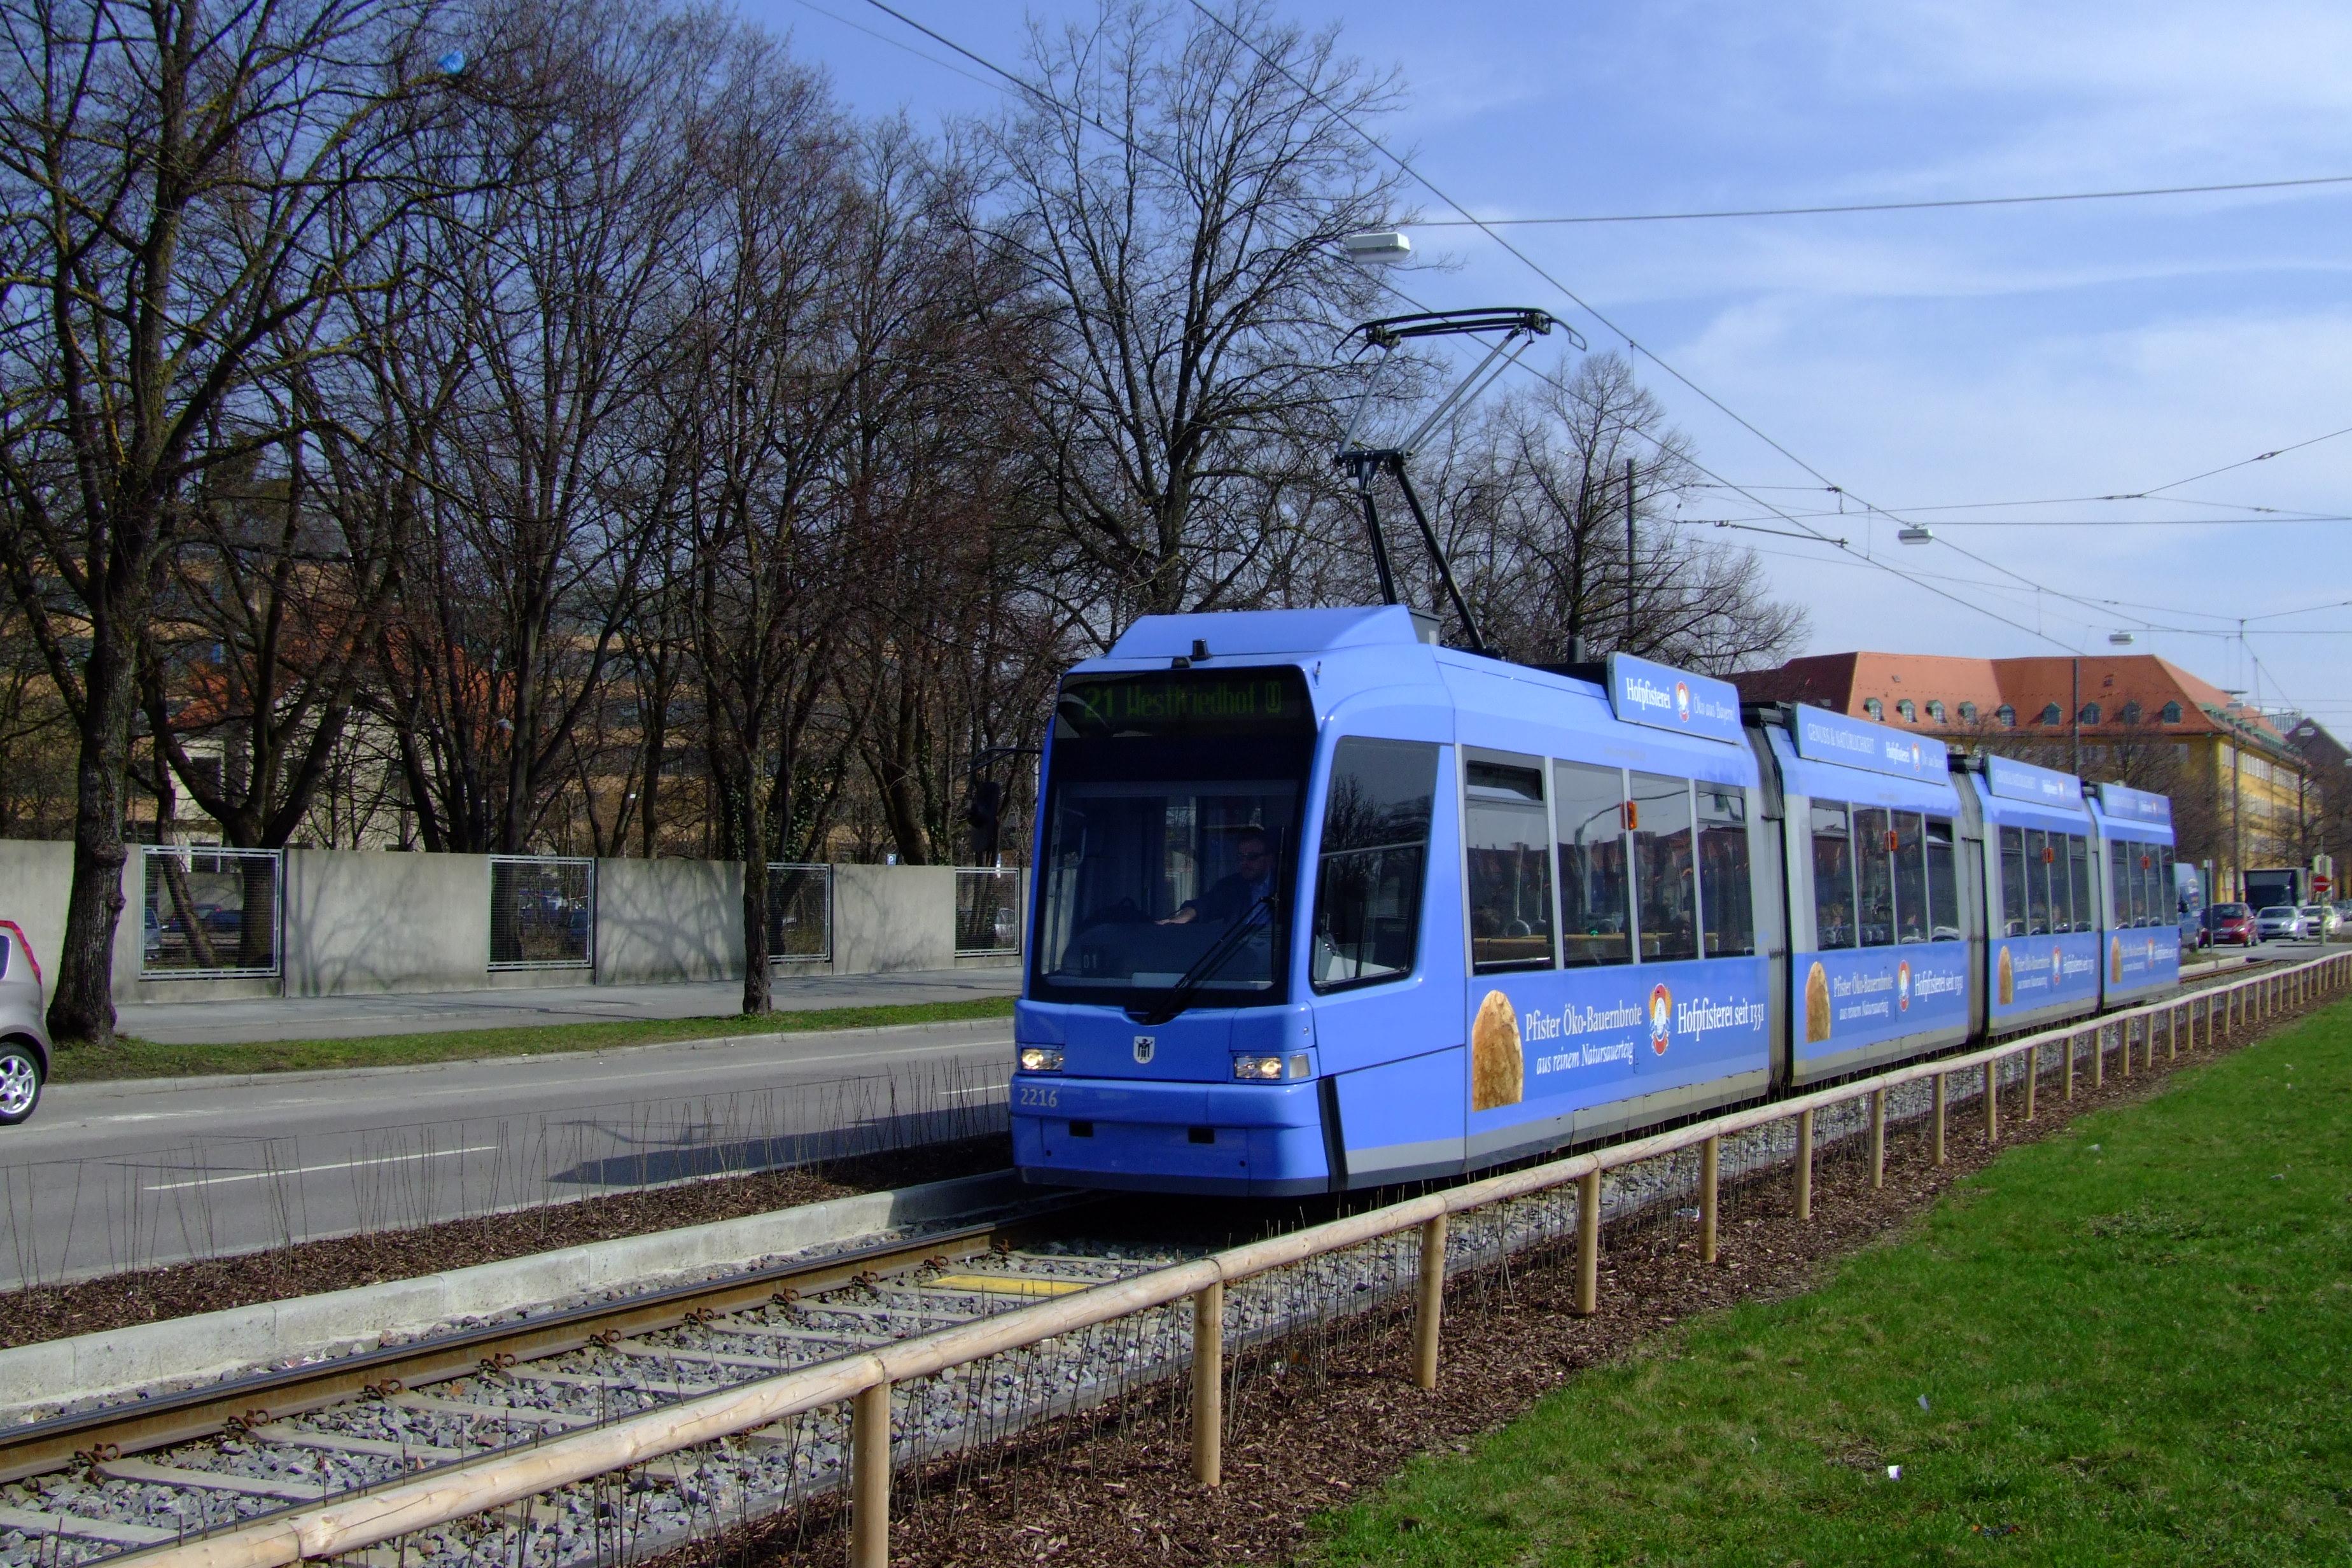 File:Strassenbahn-Muenchen-R3-2216-SWZ.jpg - Wikimedia Commons